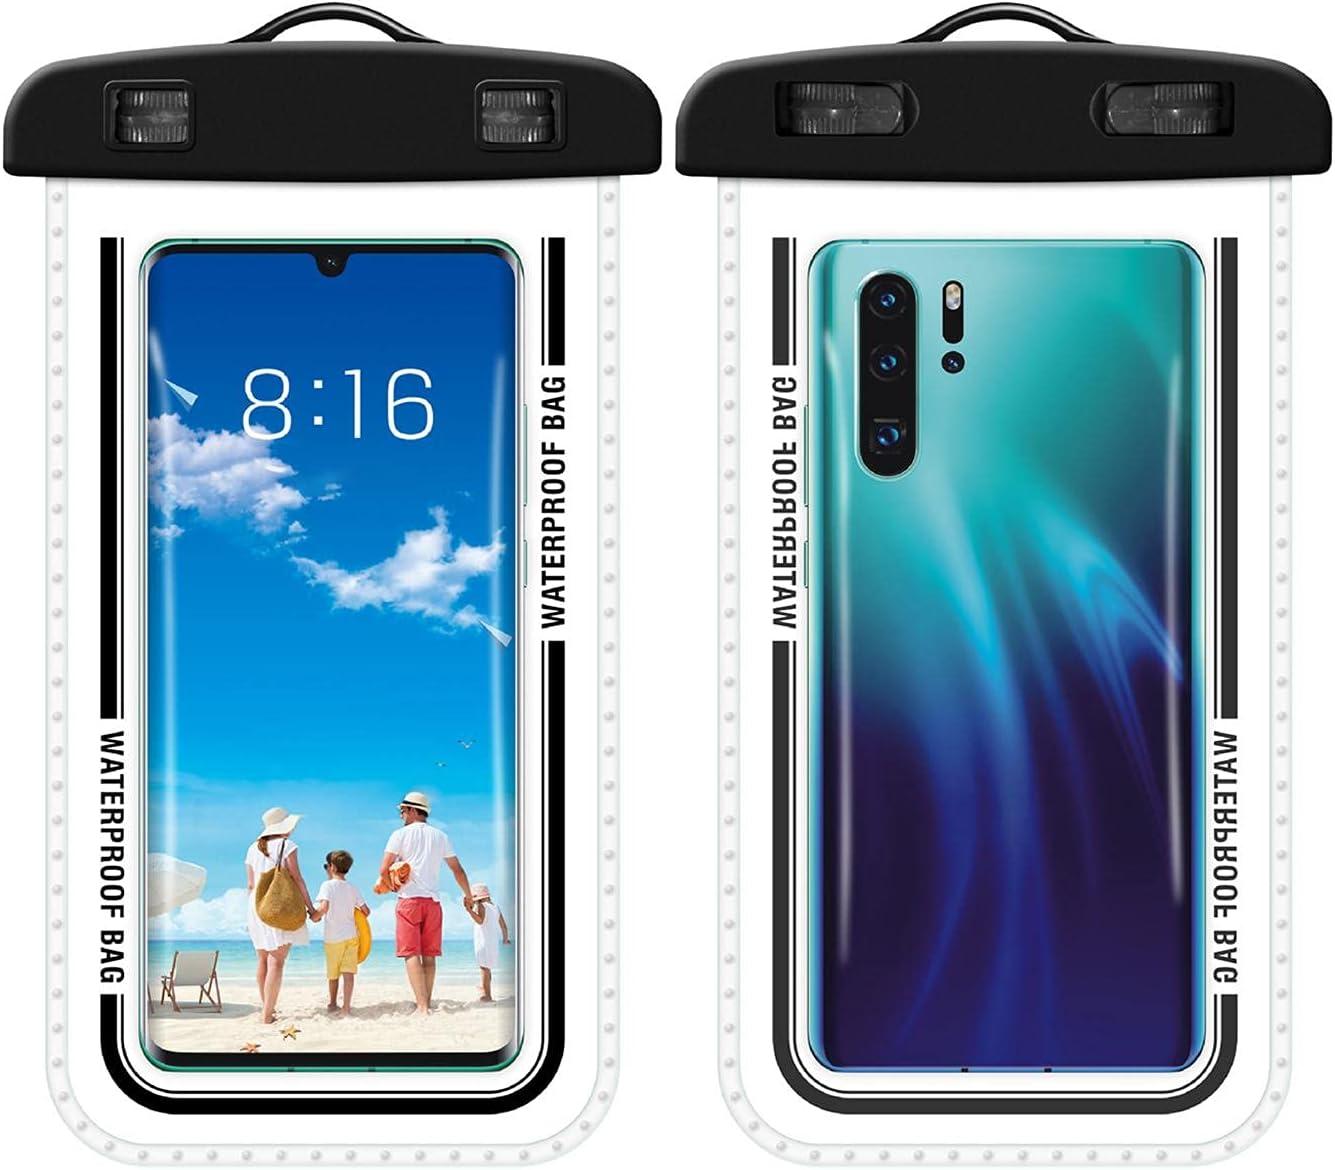 JIAM Waterproof Phone Case - Mobile Waterproof Bag Innovative Lanyard Waterproof Bag Universal Outdoor Beach Bag Underwater Dry Bag for Mobile Phones Enjoyable